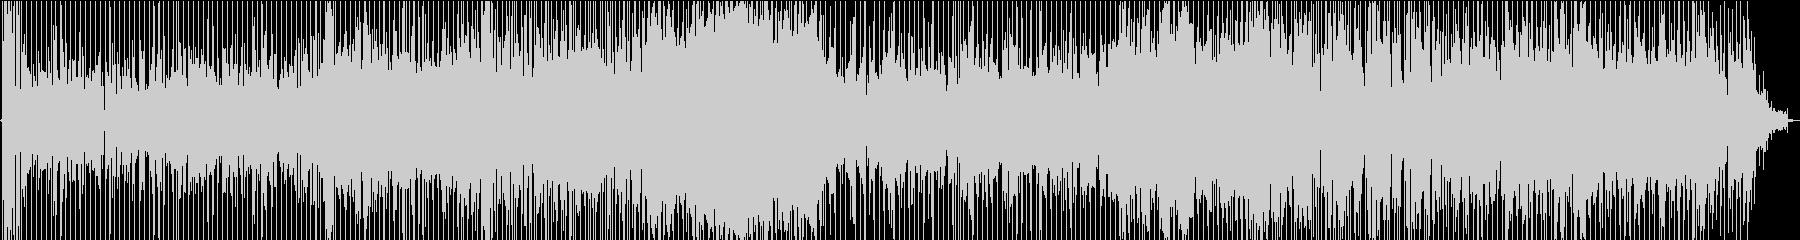 フォーク。ポップ。シンセソロ。ファ...の未再生の波形